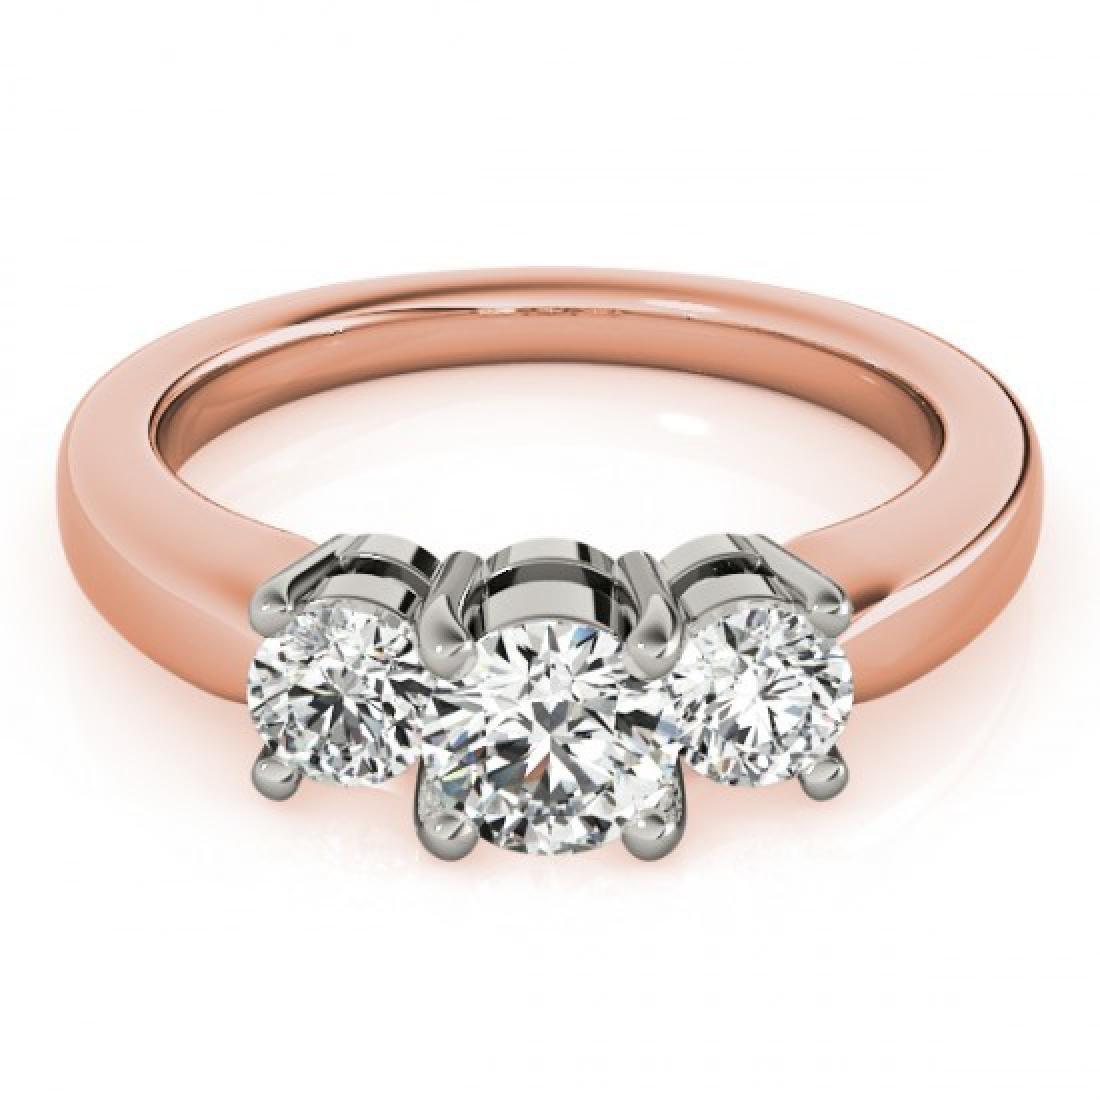 1.33 CTW Certified VS/SI Diamond 3 Stone Ring 14K Rose